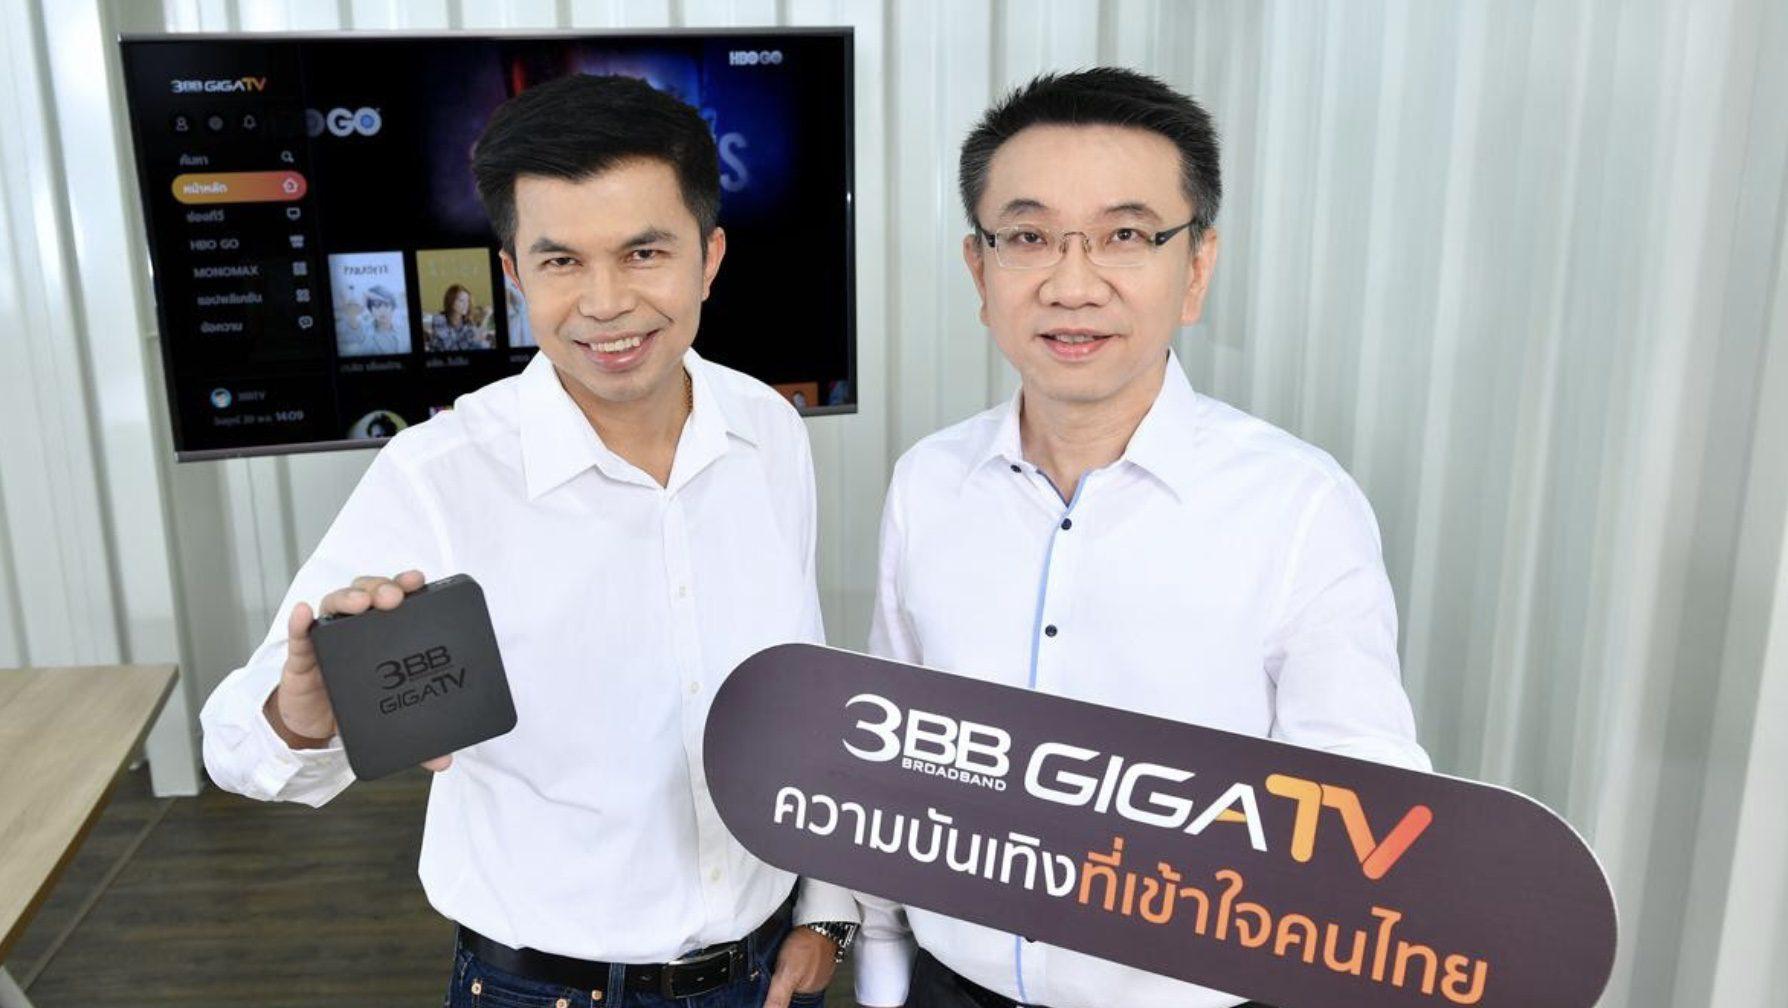 เปิดตัว 3BB GIGATV จัดหนัก เน็ตบ้านพร้อมกล่องดูทีวี อัดแน่นคอนเทนต์ พร้อมชูฟีเจอร์เด่นครั้งแรกในไทย